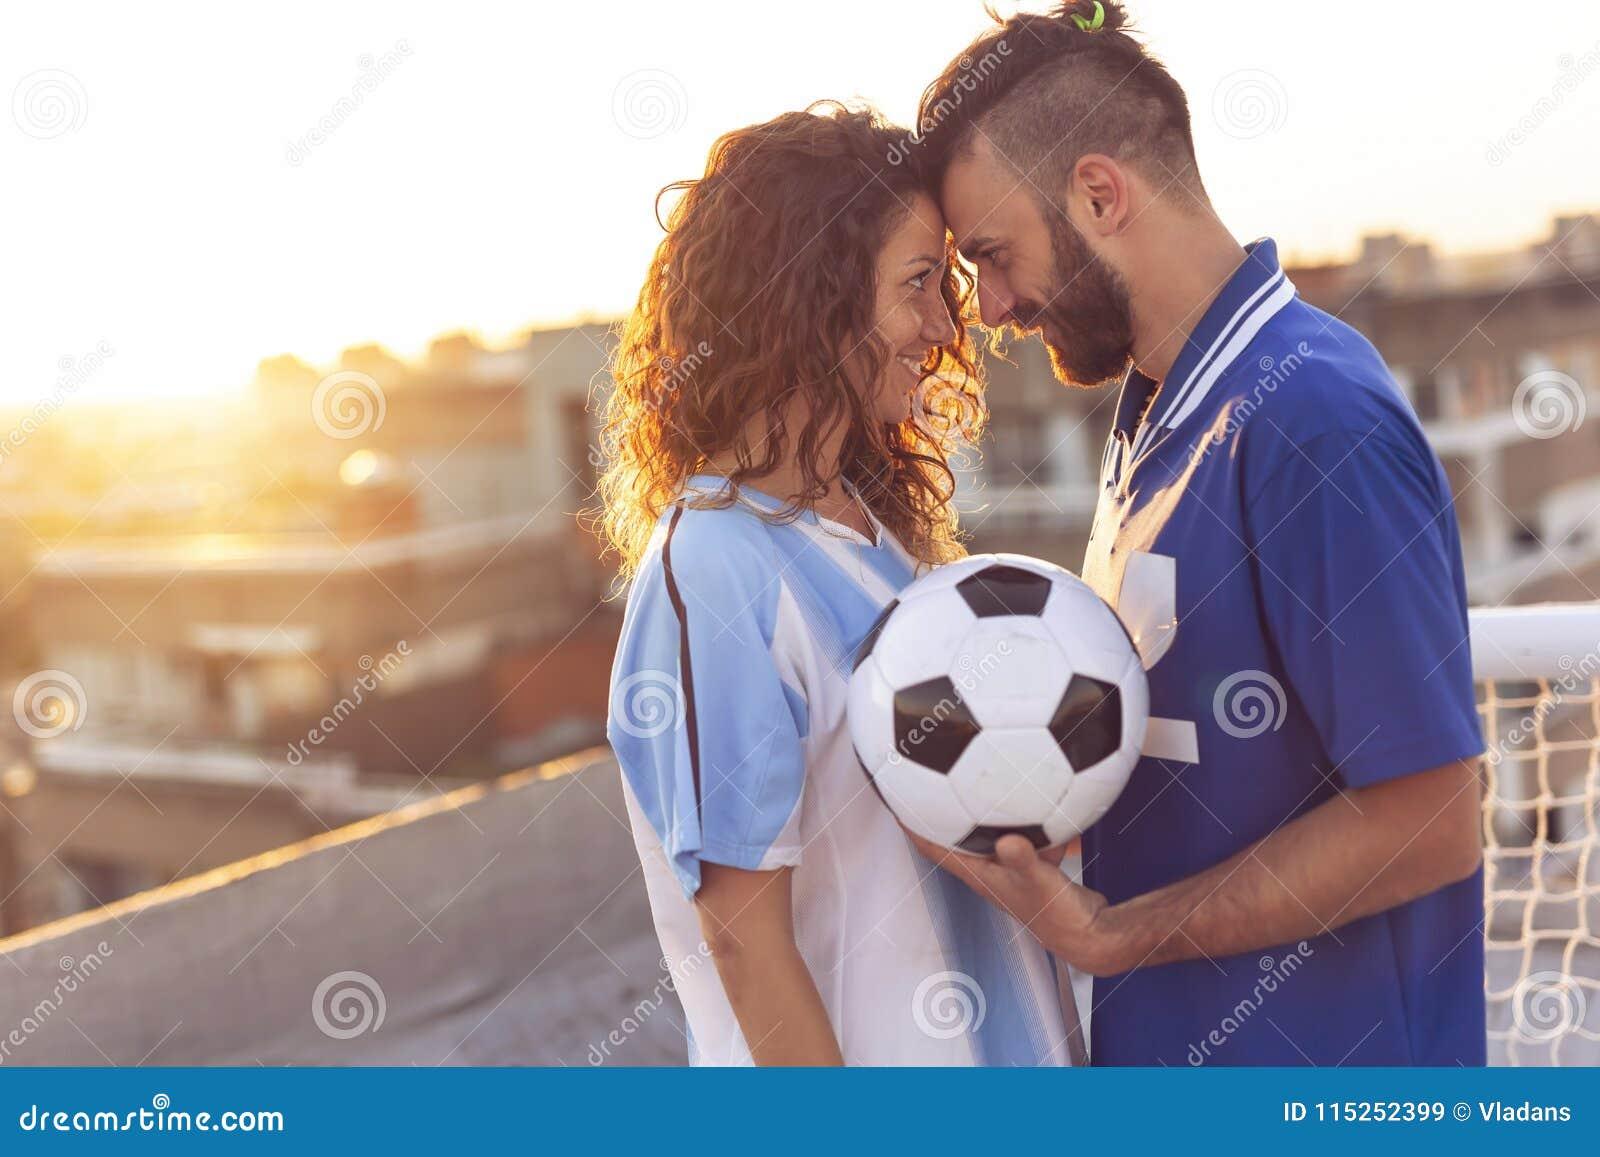 Fútbol y amor